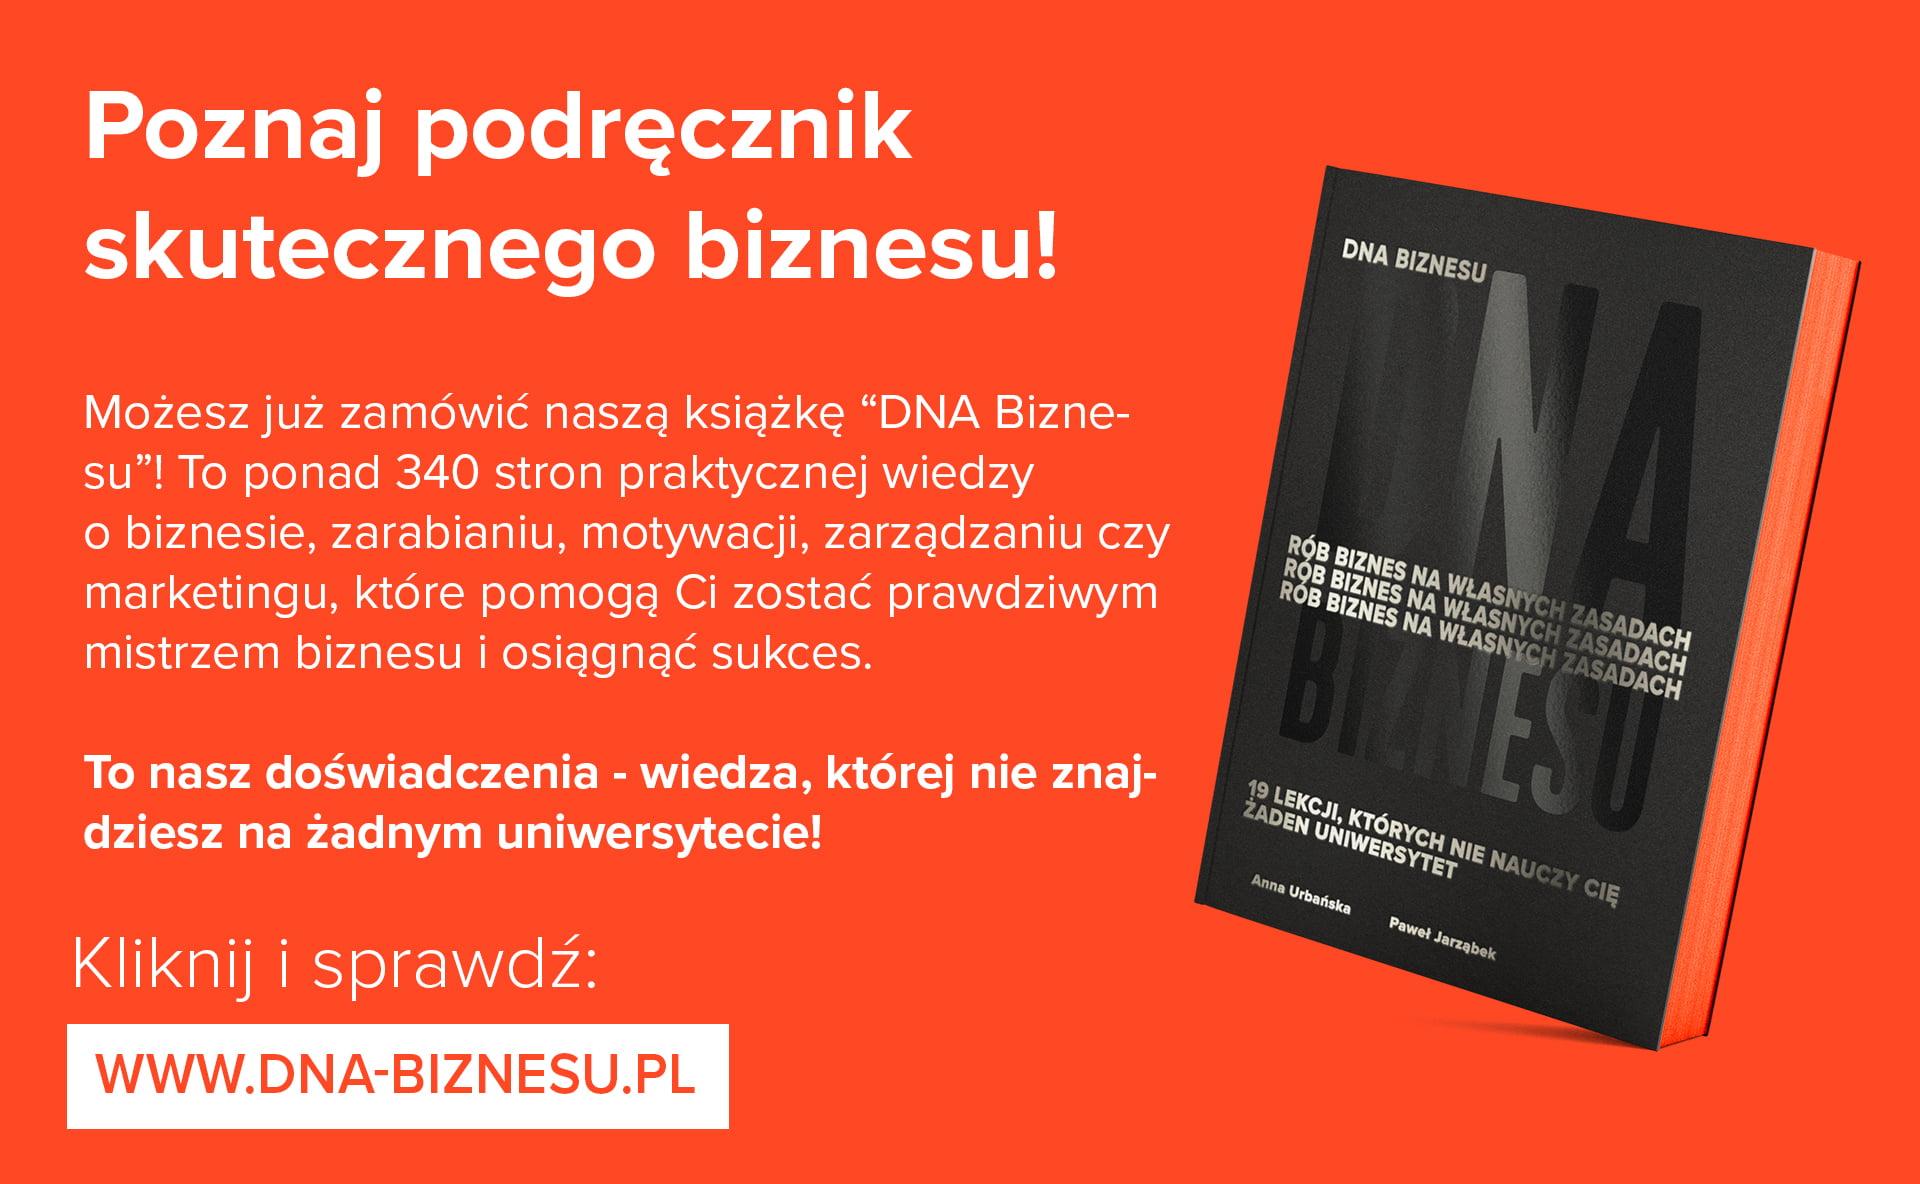 DNA Biznesu - poznaj podręcznik skutecznego biznesu